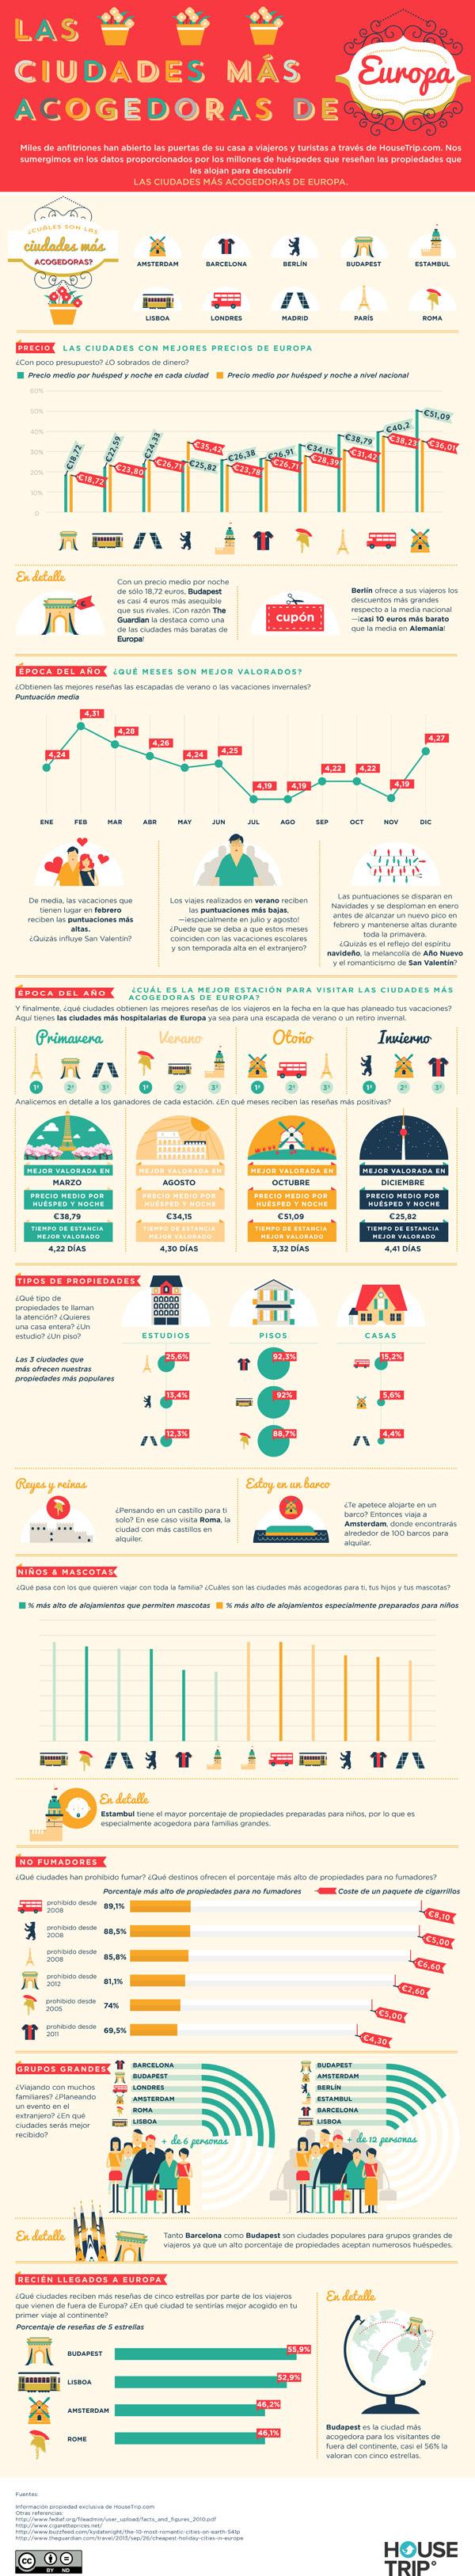 Infografia Ciudades más Acogedoras